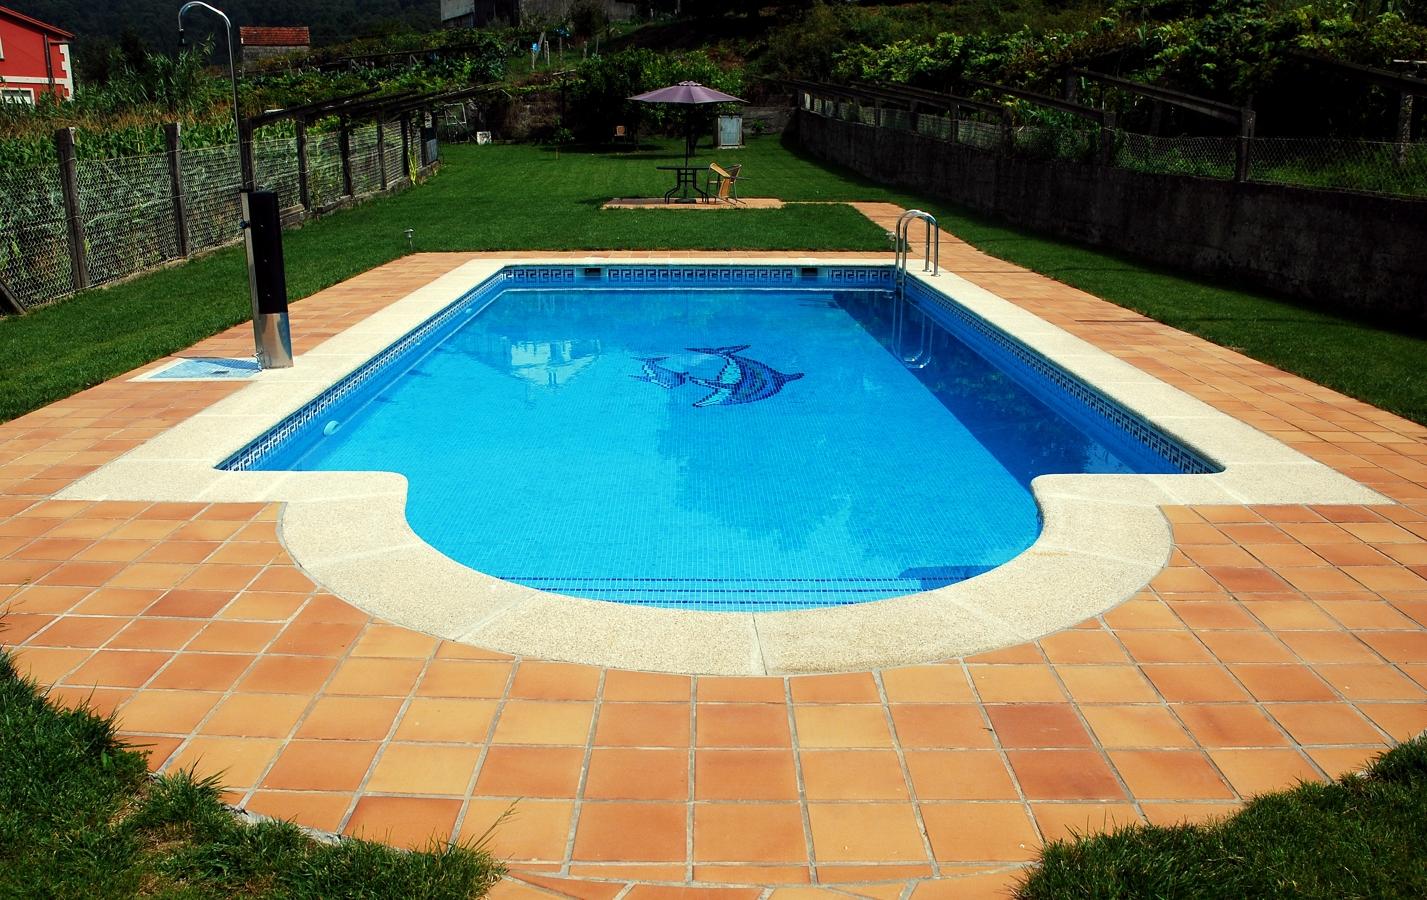 Foto piscina de jard n de piscinas fraiz 387462 for Piscinas de jardin